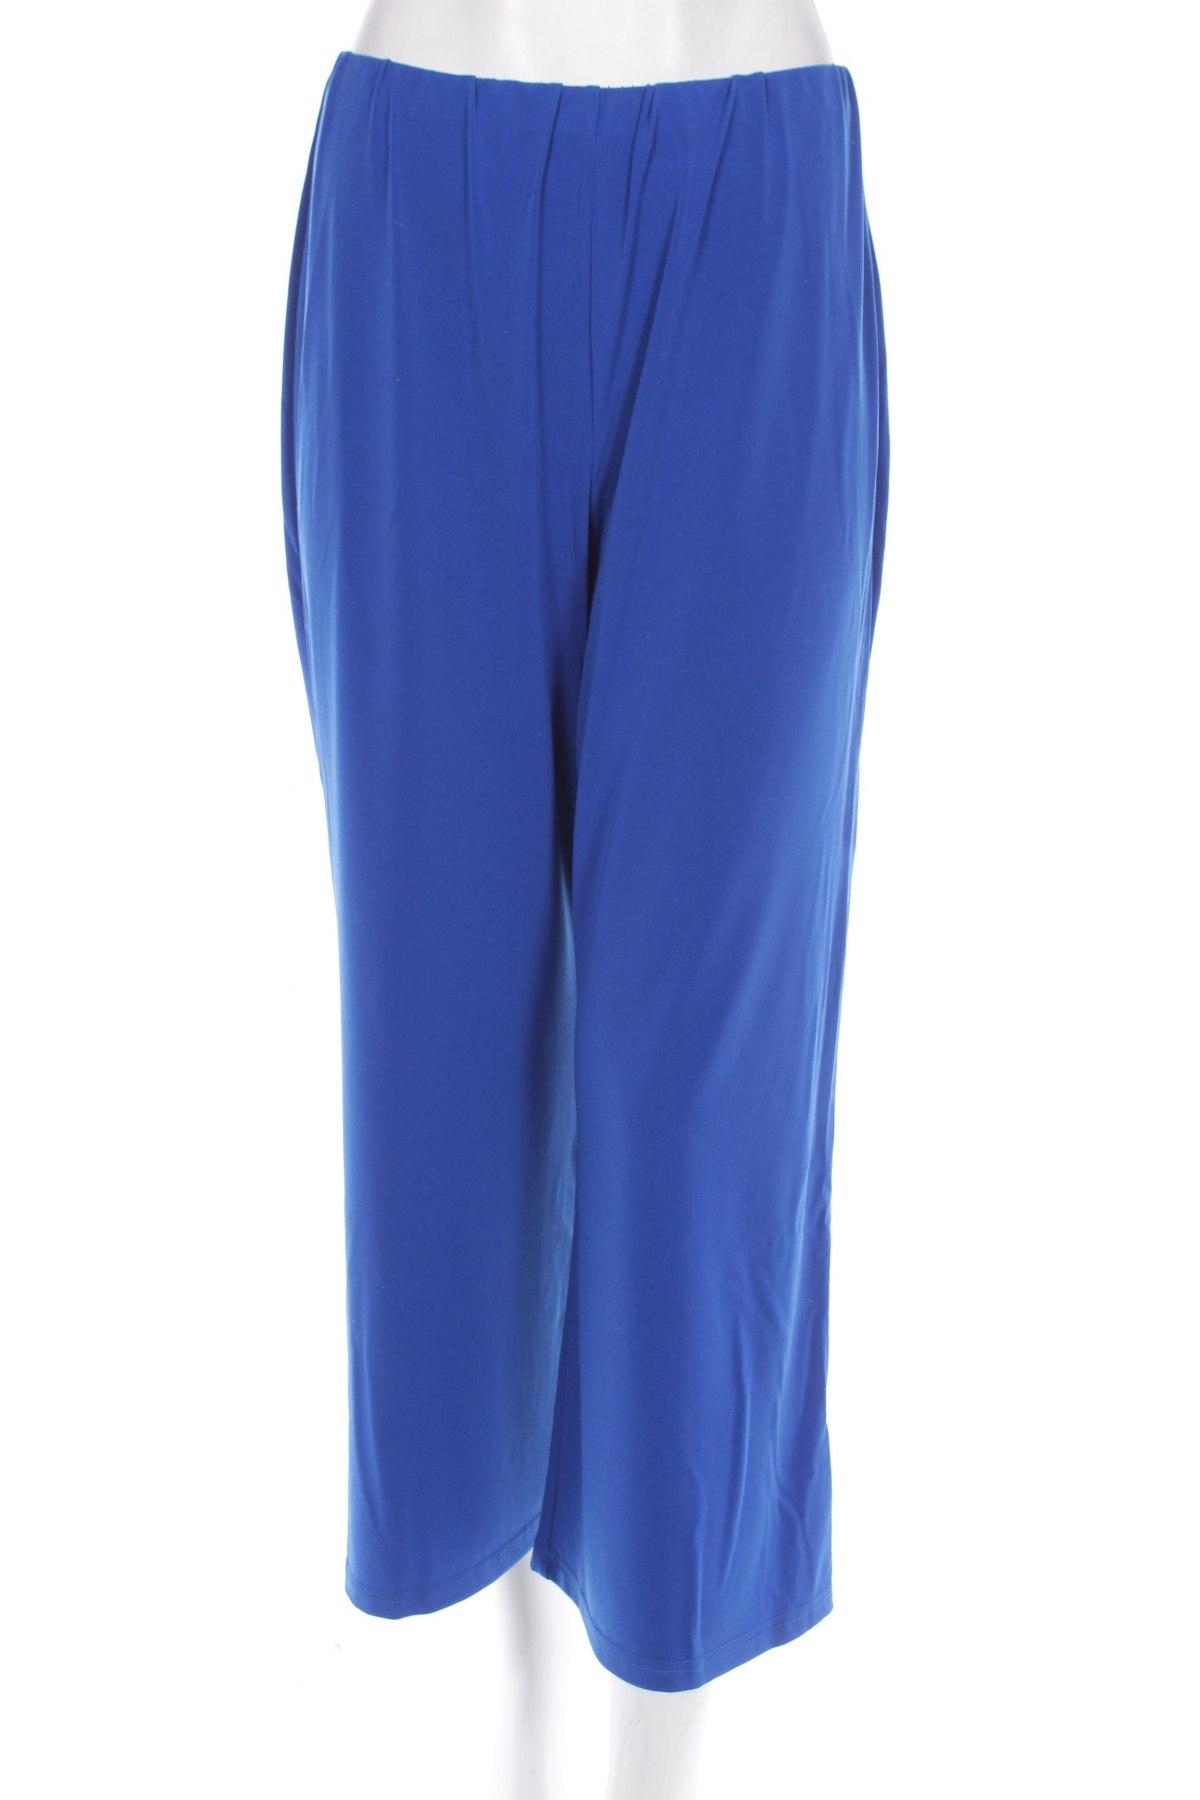 Дамски панталон Joanna Hope, Размер L, Цвят Син, 95% полиестер, 5% еластан, Цена 35,10лв.